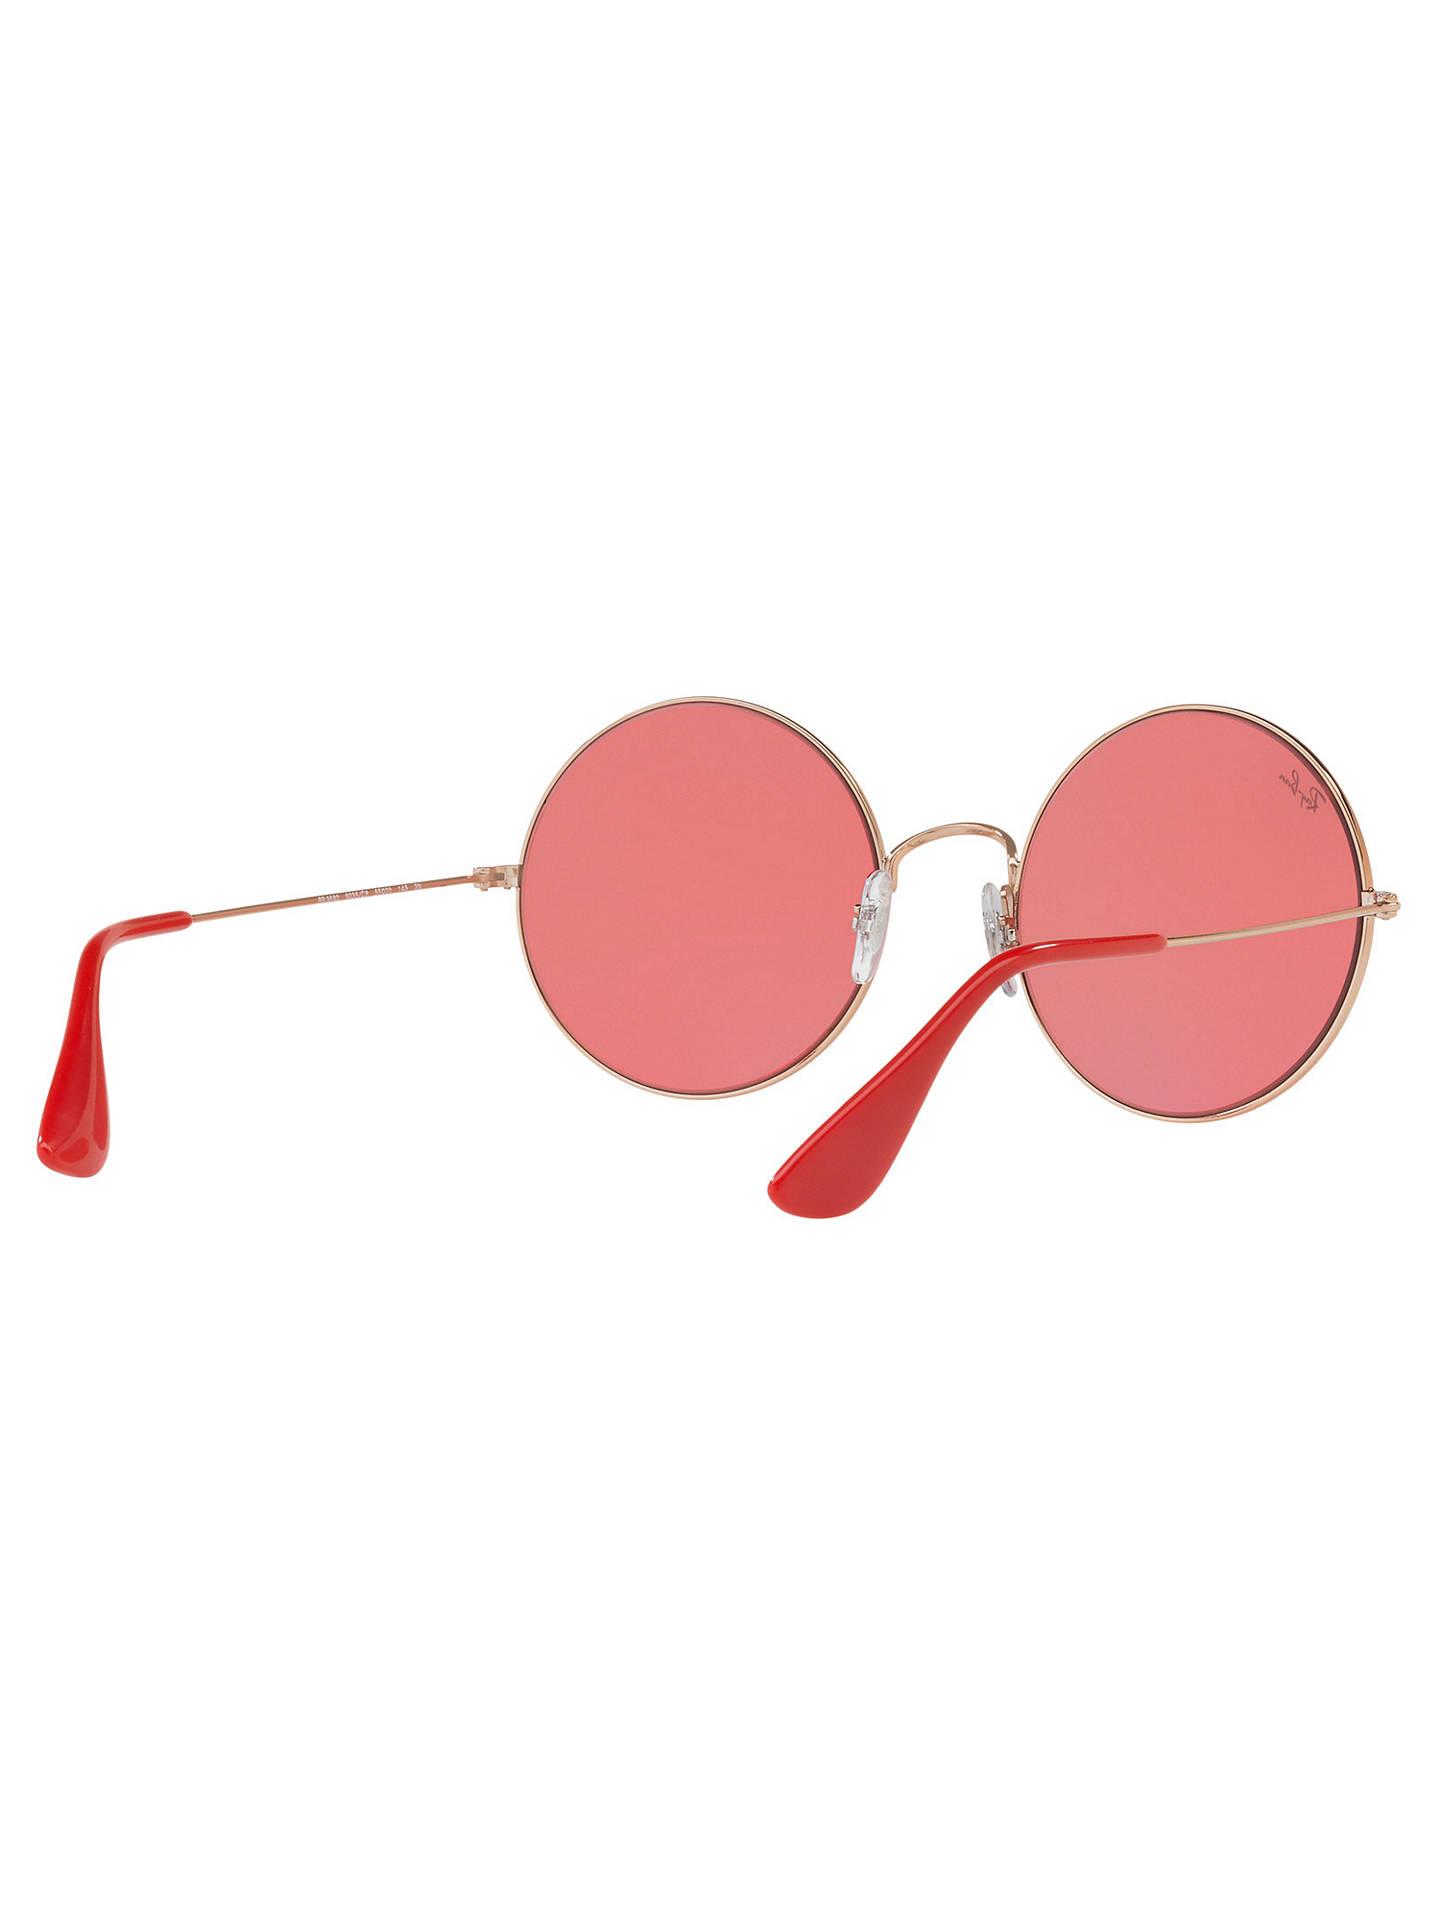 c76dc60e8d1 Ray-Ban RB3592 Ja-Jo Round Sunglasses at John Lewis   Partners